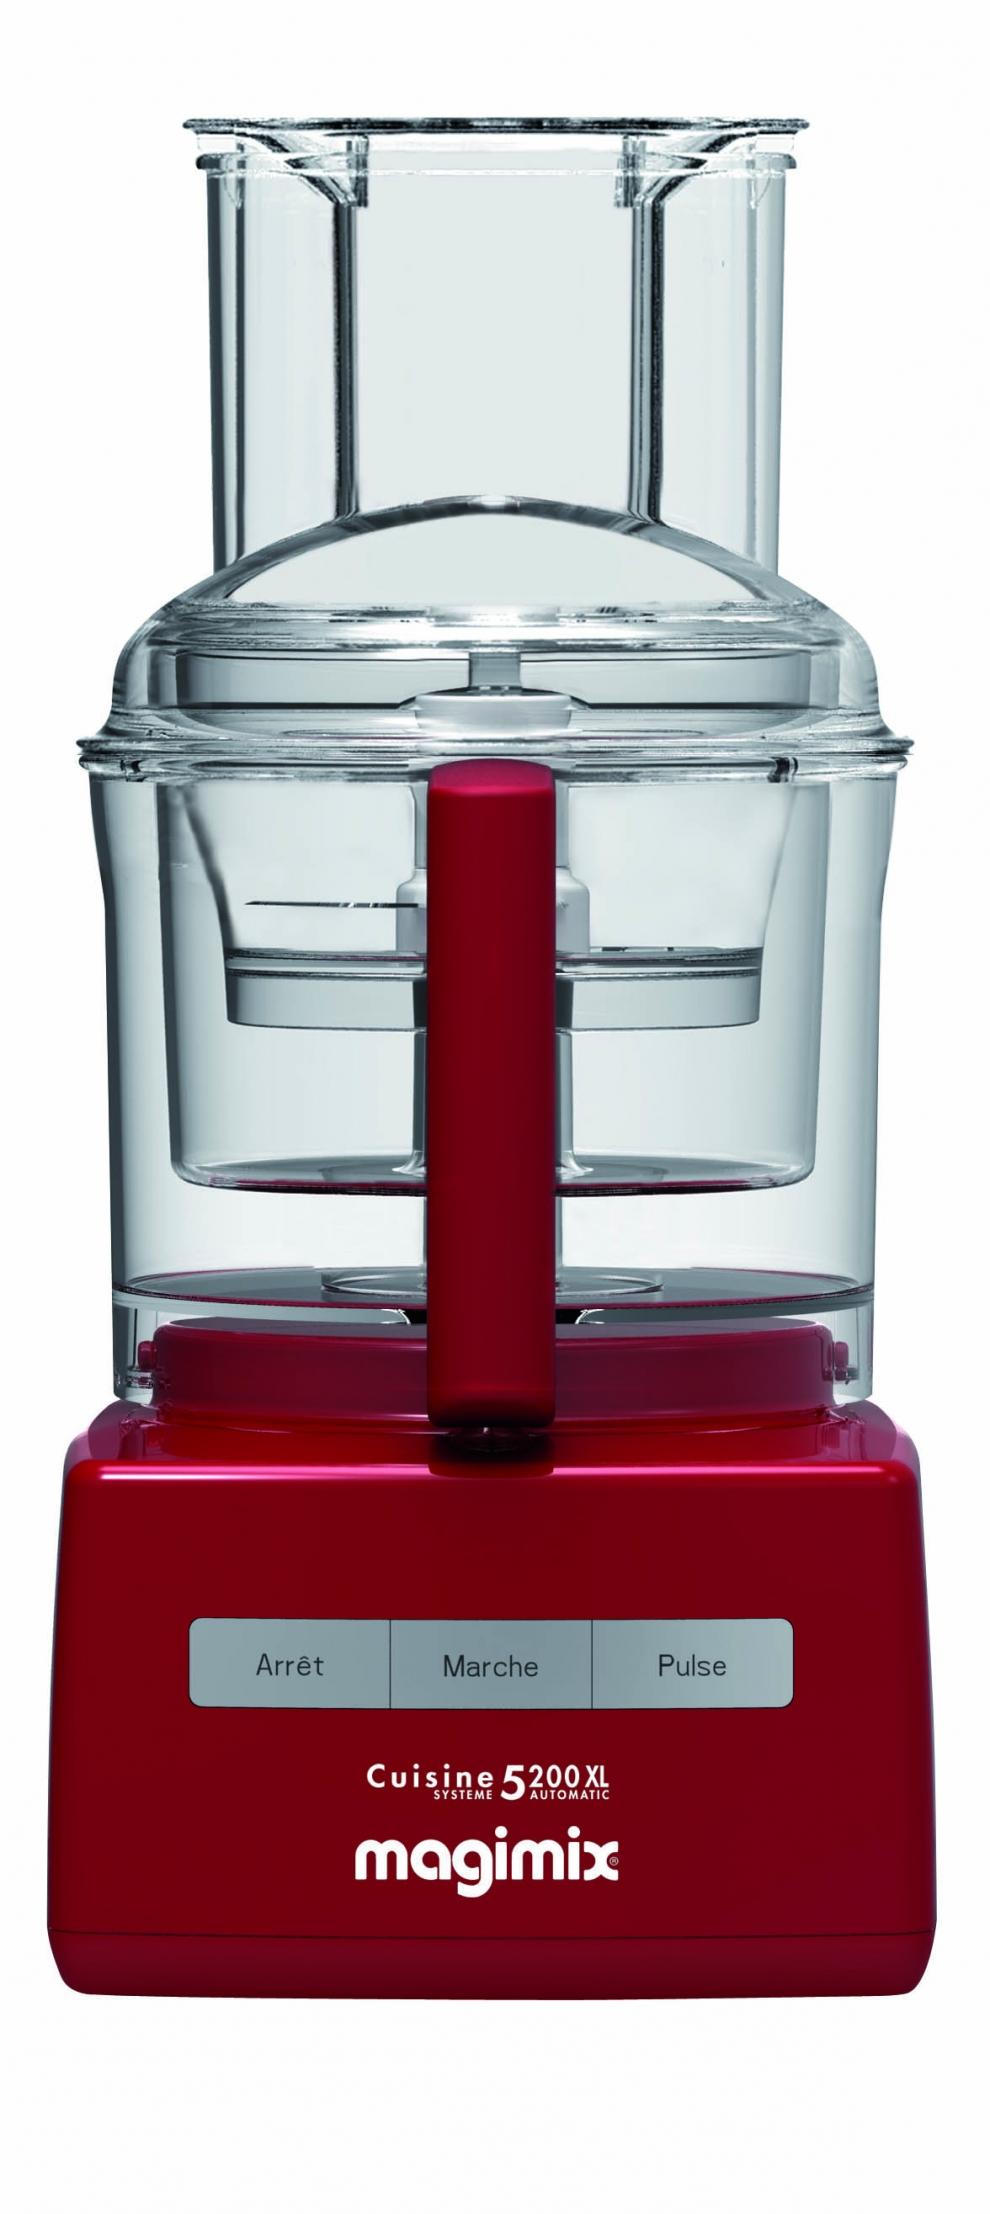 magimix robot magimix 5200 xl rouge avec blendermix 18585f 18585f achetez au meilleur prix. Black Bedroom Furniture Sets. Home Design Ideas